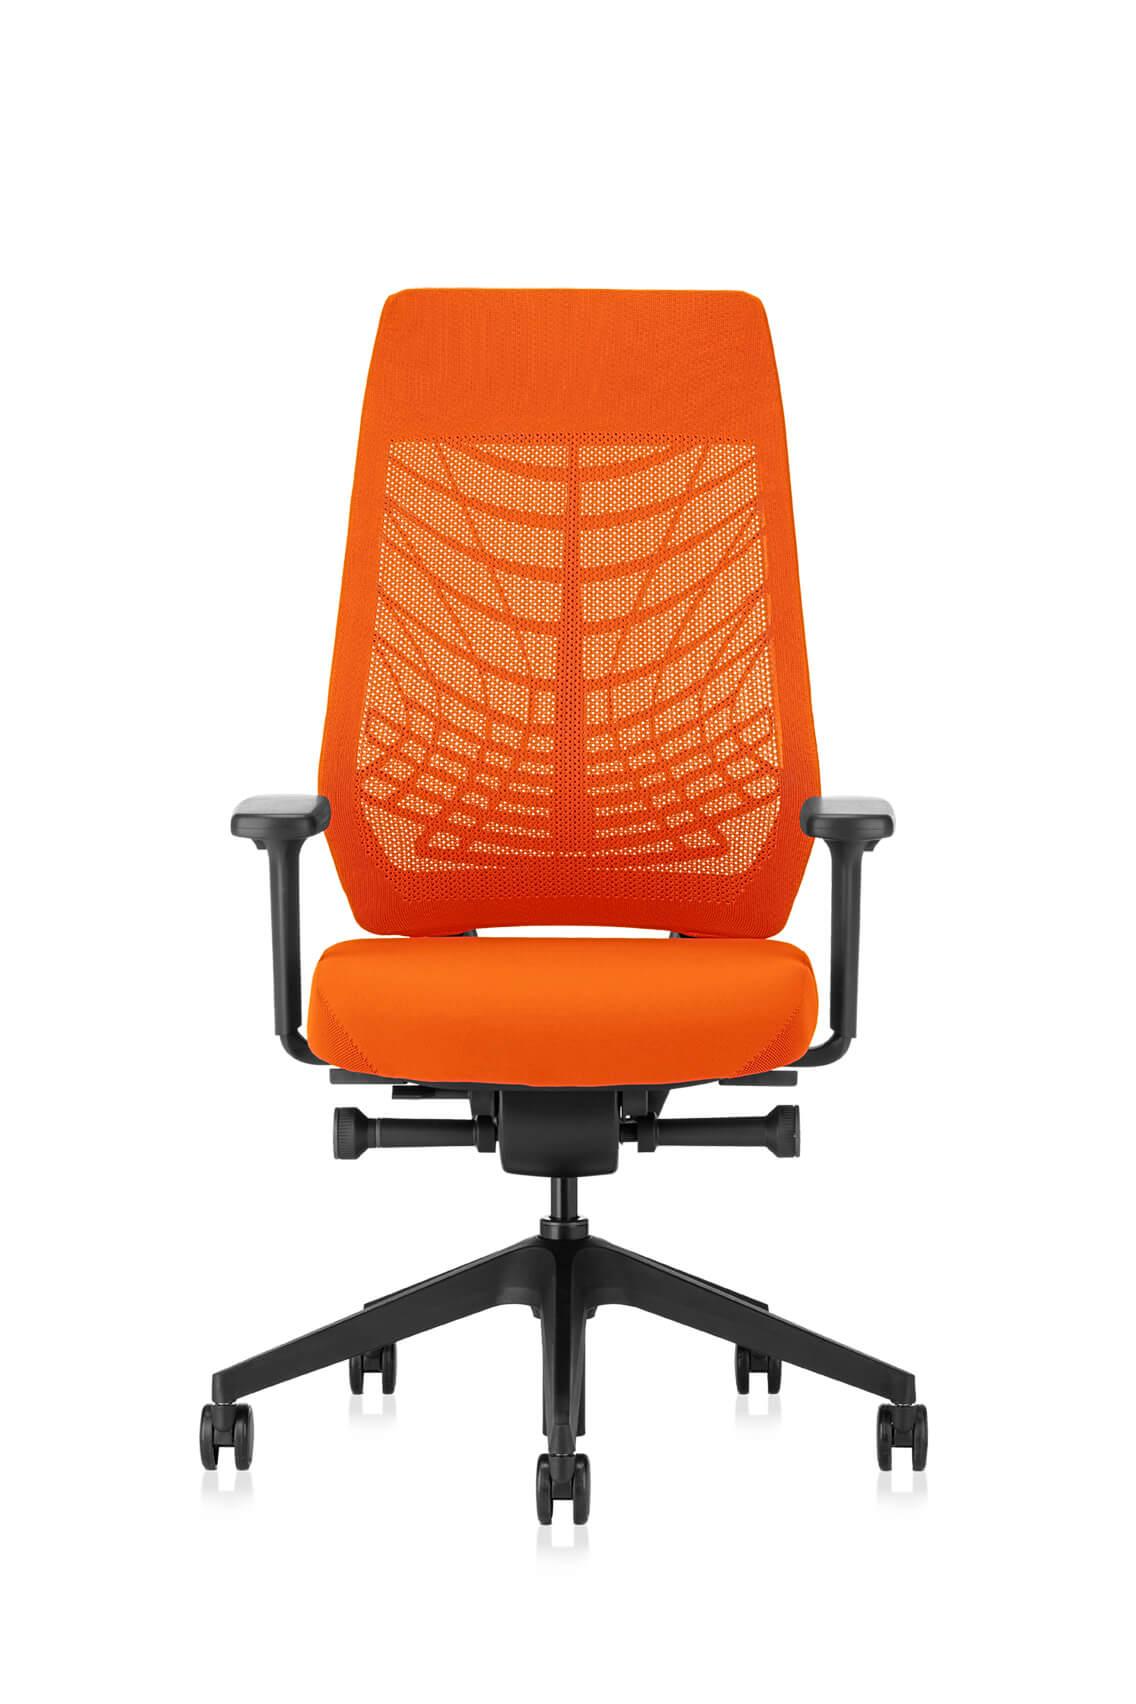 JOYCEis3_Frontal_jc217_Netz_orange_schwarz_flexgrid